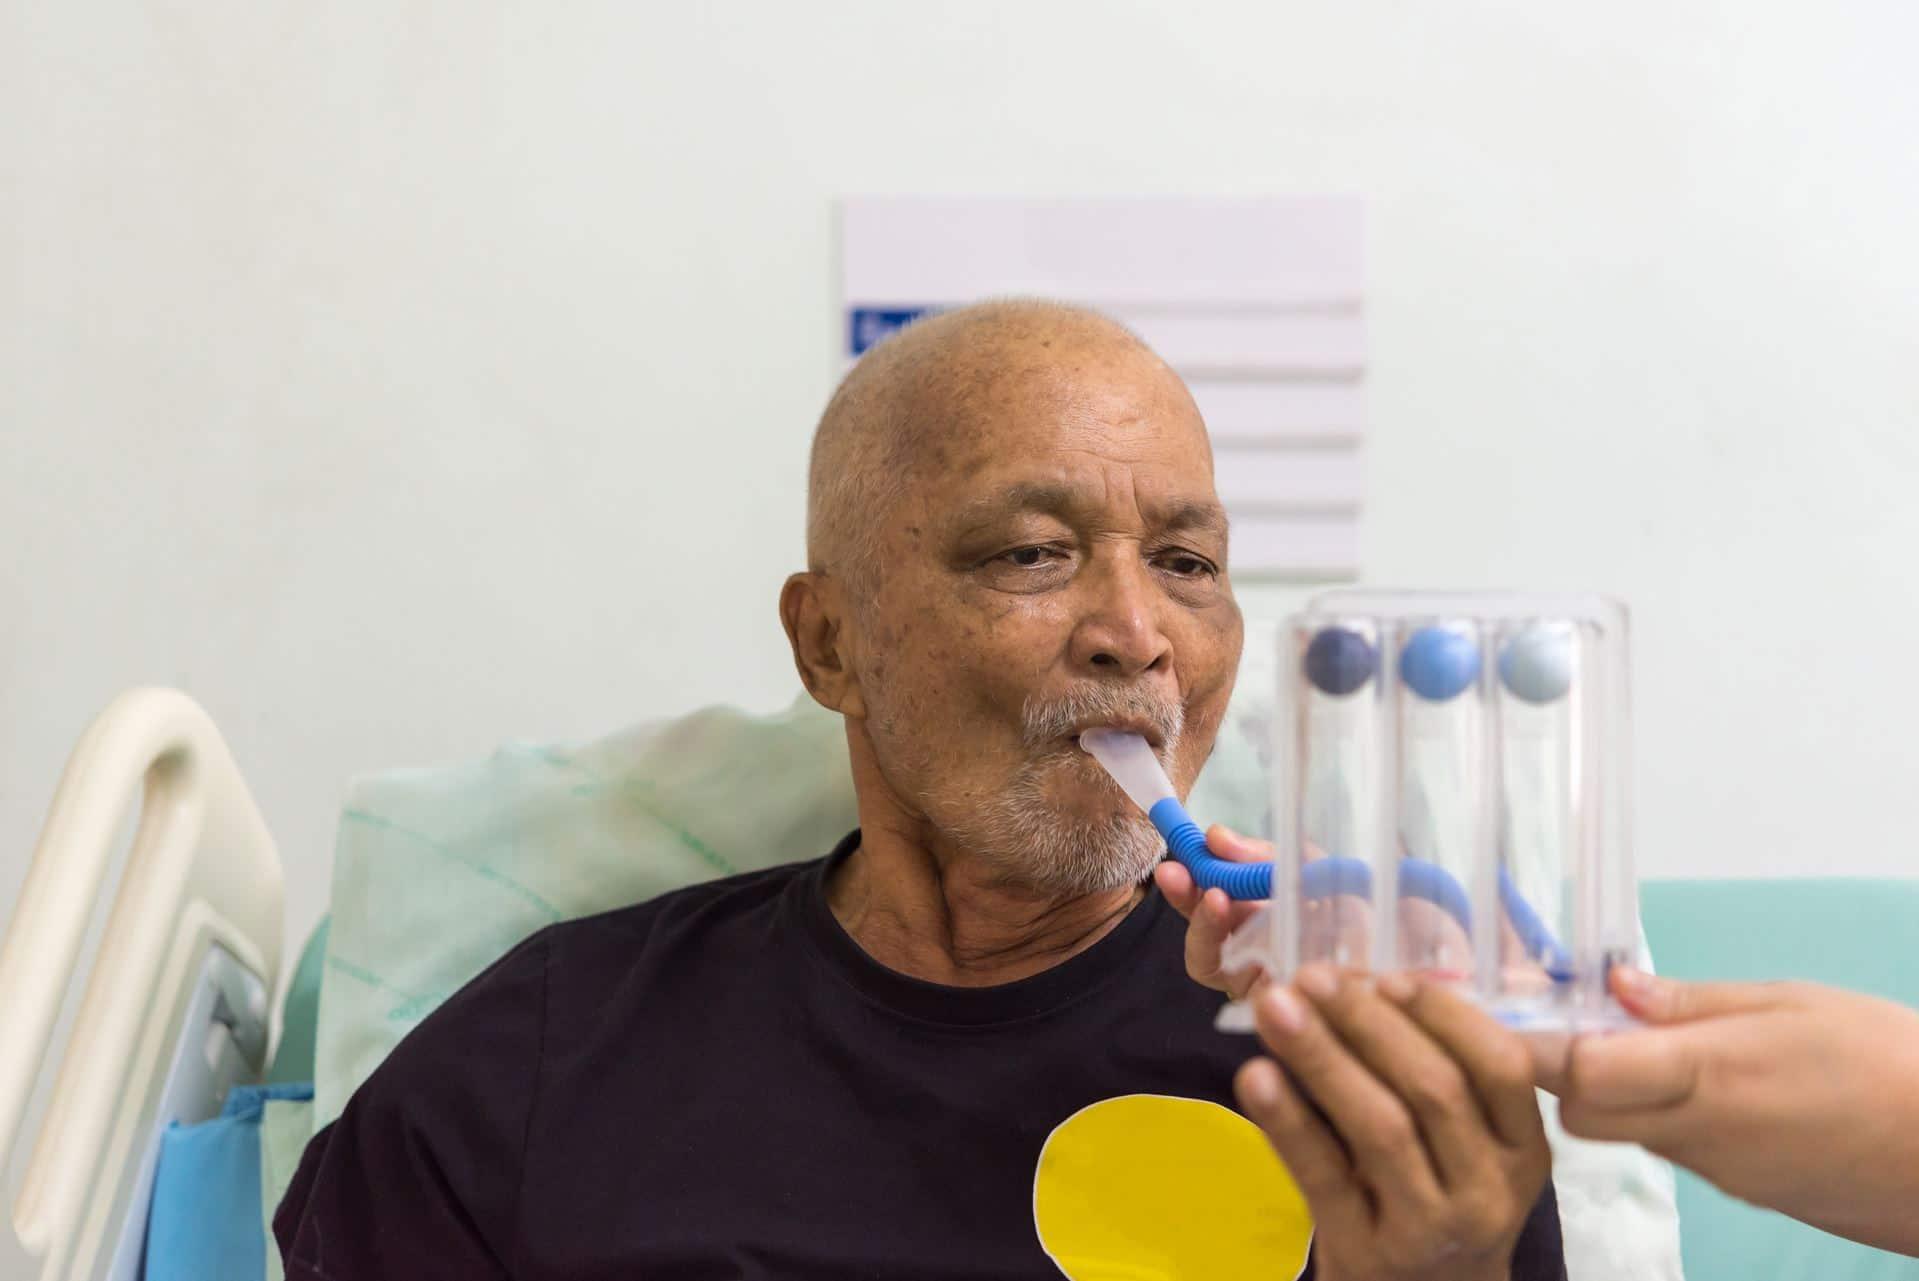 פיזיותרפיה נשימתית - Restart Therapy שיקום פרטי בבית הלקוח